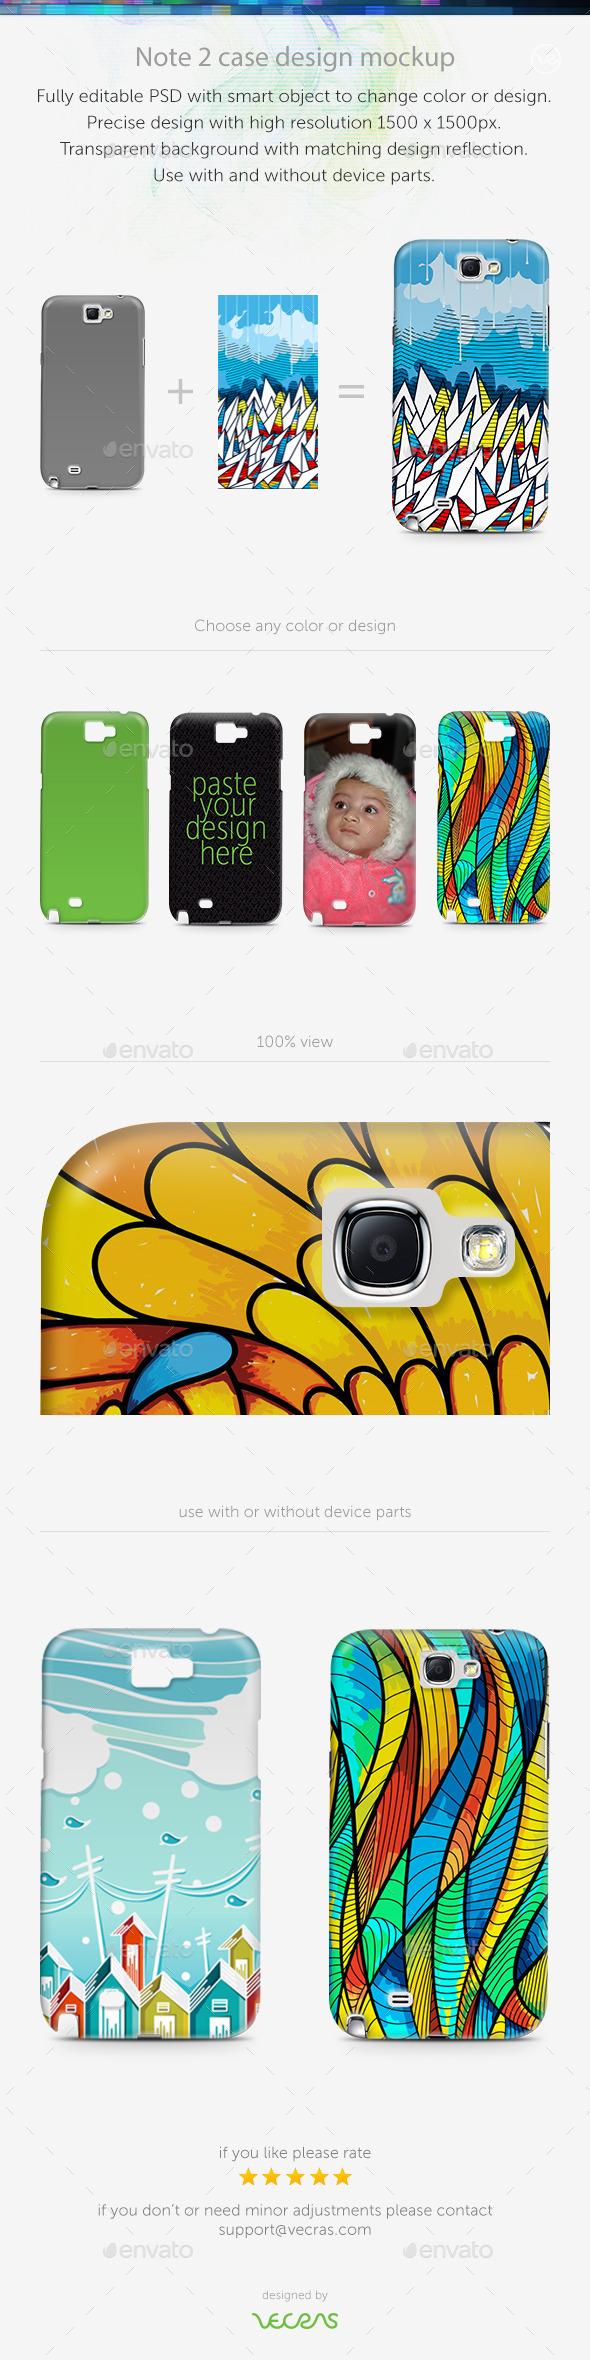 Note 2 Case Design Mockup